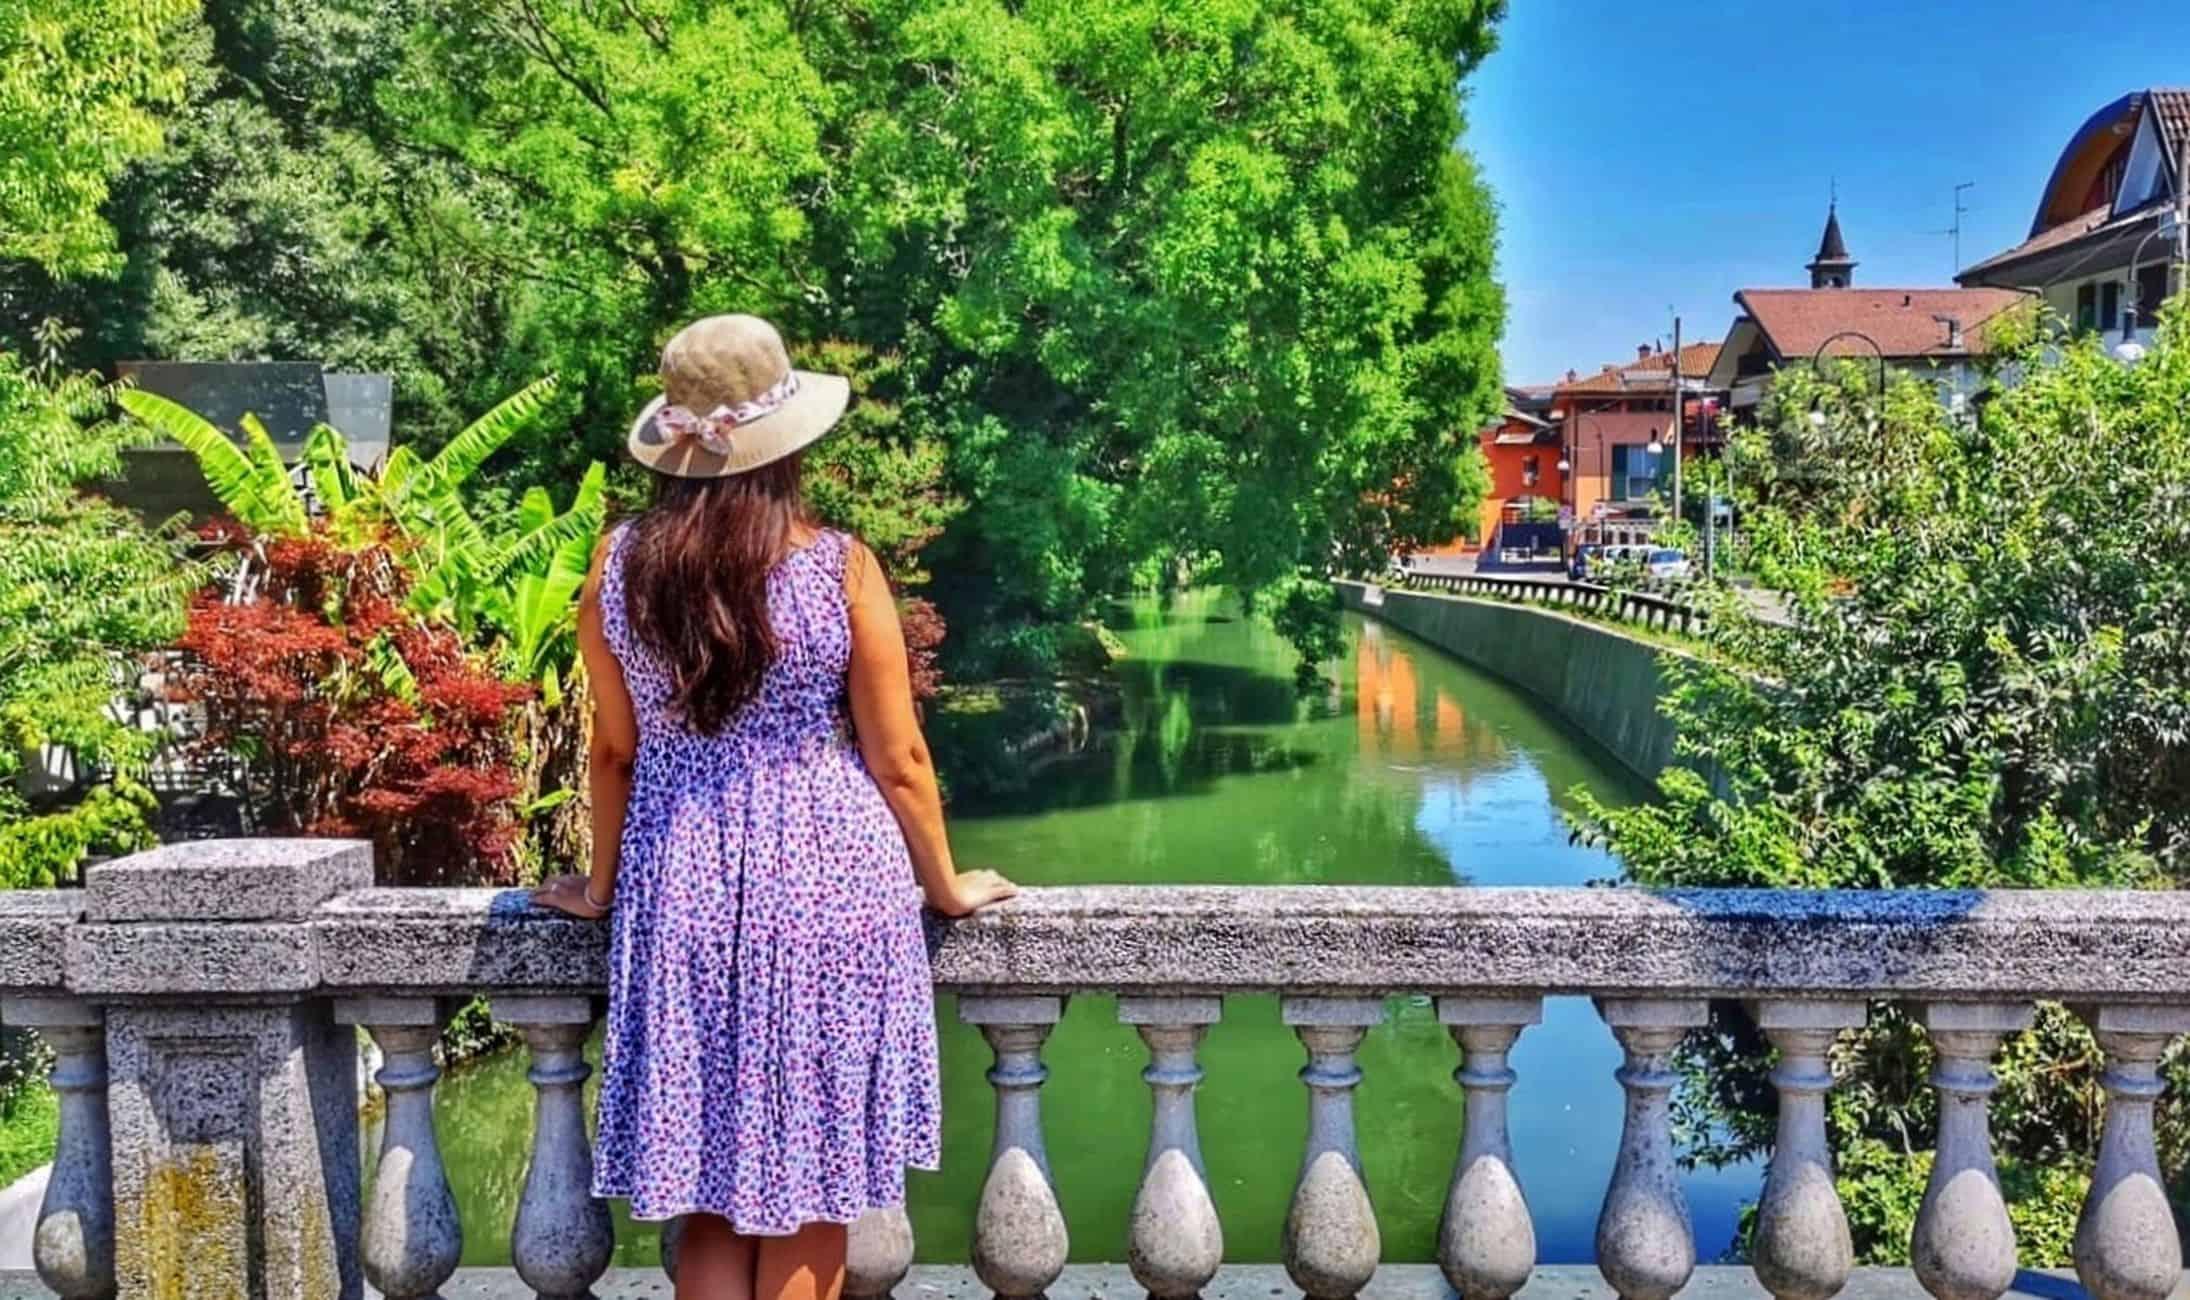 Cosa vedere a Cernusco sul Naviglio: piccola isola felice a nord di Milano